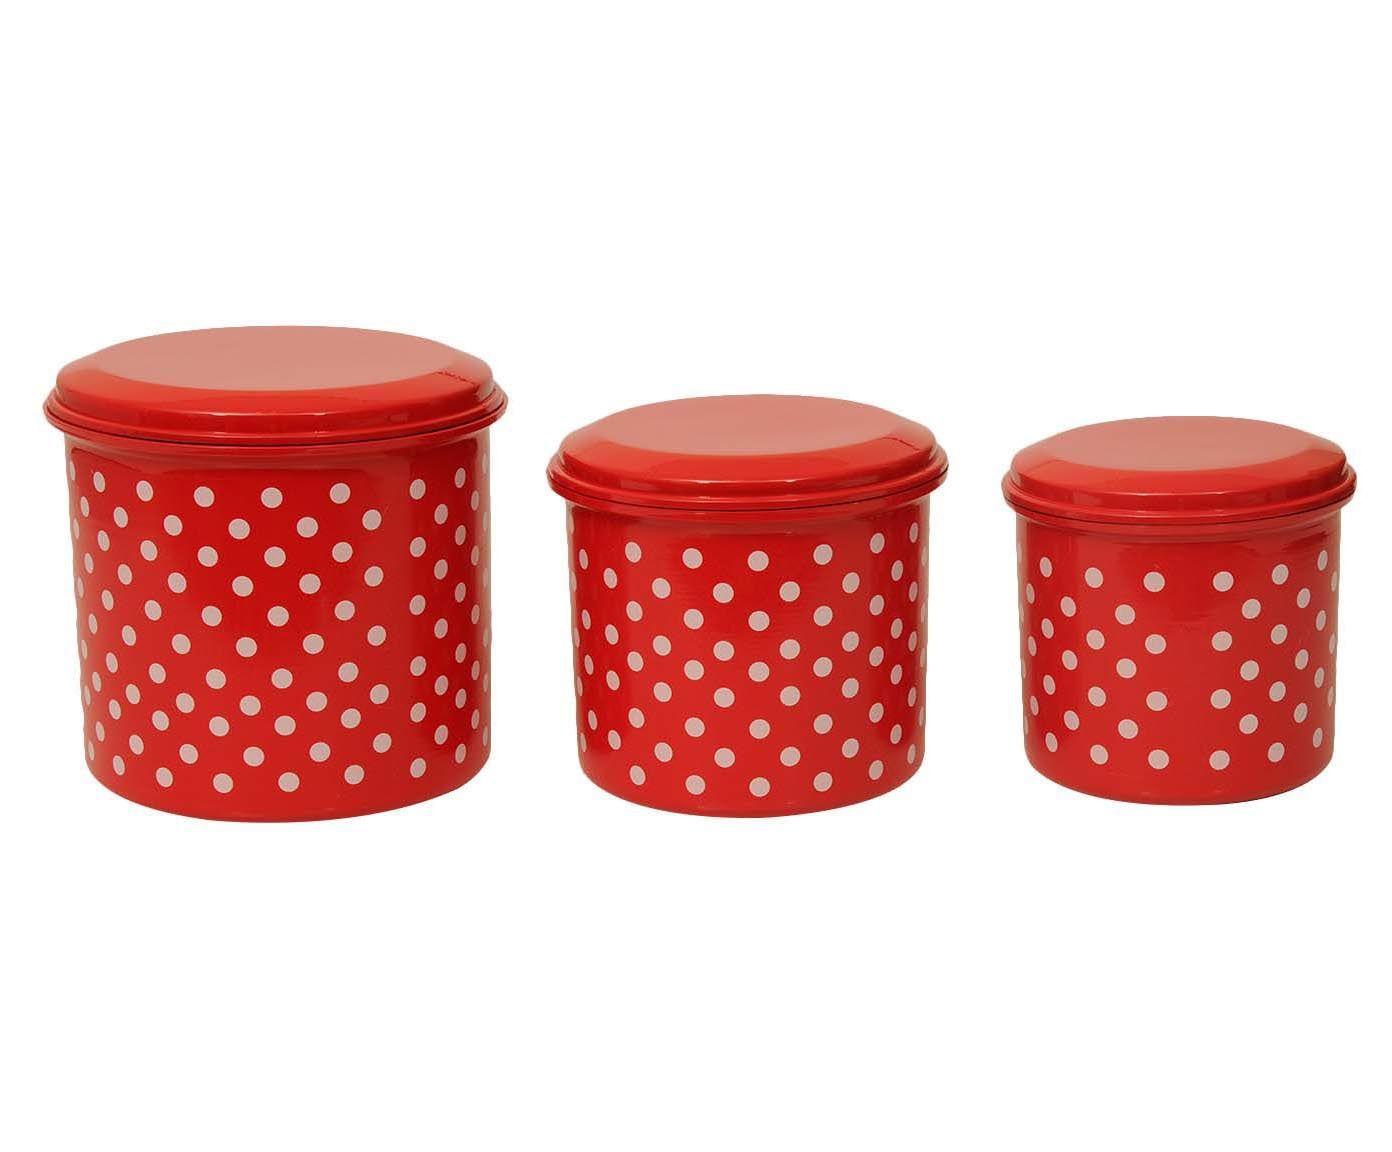 Jogo de Porta-Condimentos Polka Dots - Vermelho e Branco   Westwing.com.br